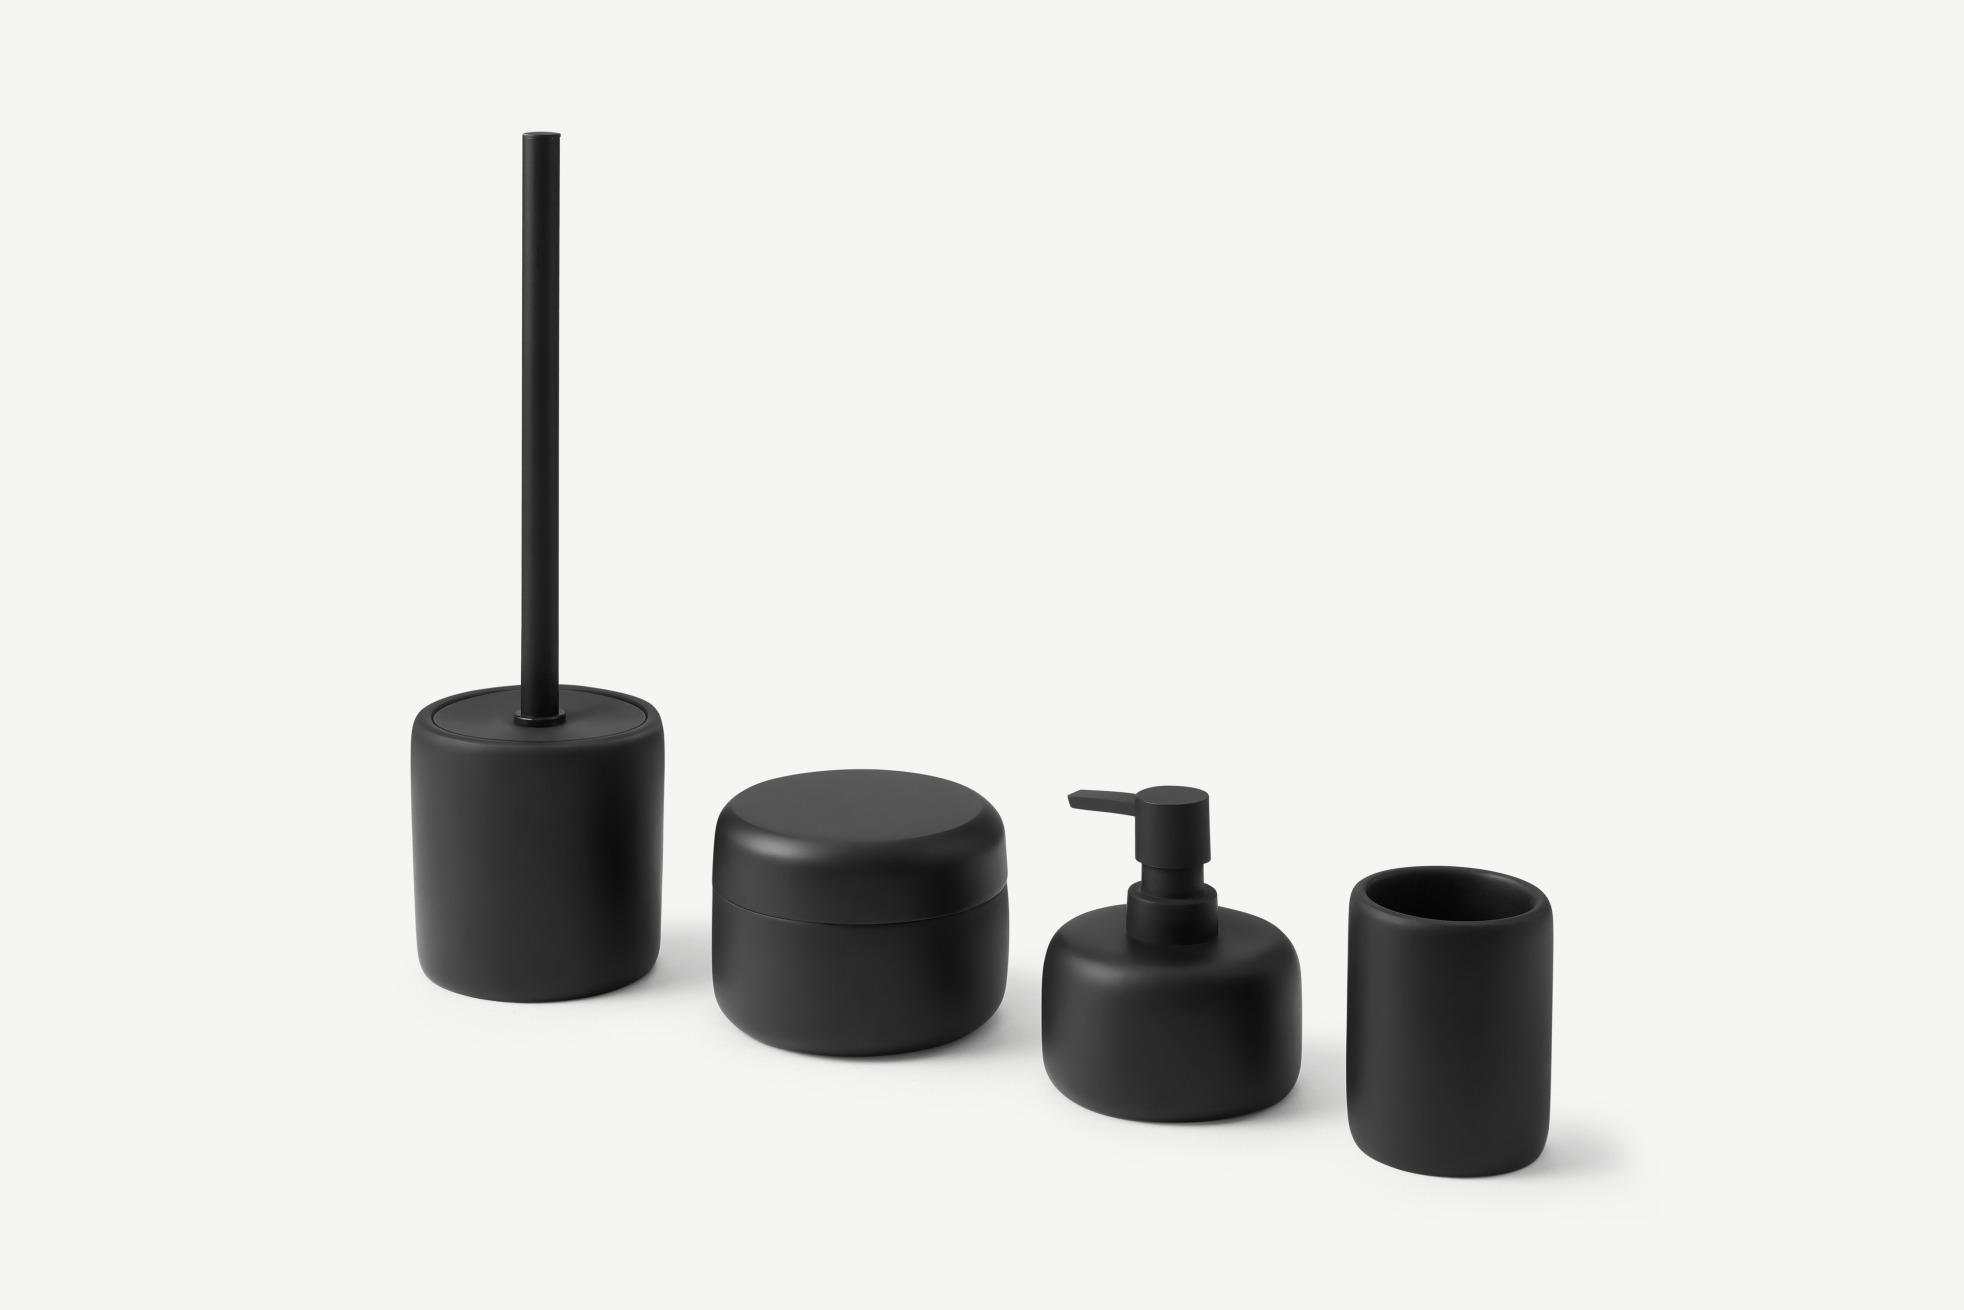 4-Piece Round Bathroom Set with Amari Brush, Matte Black